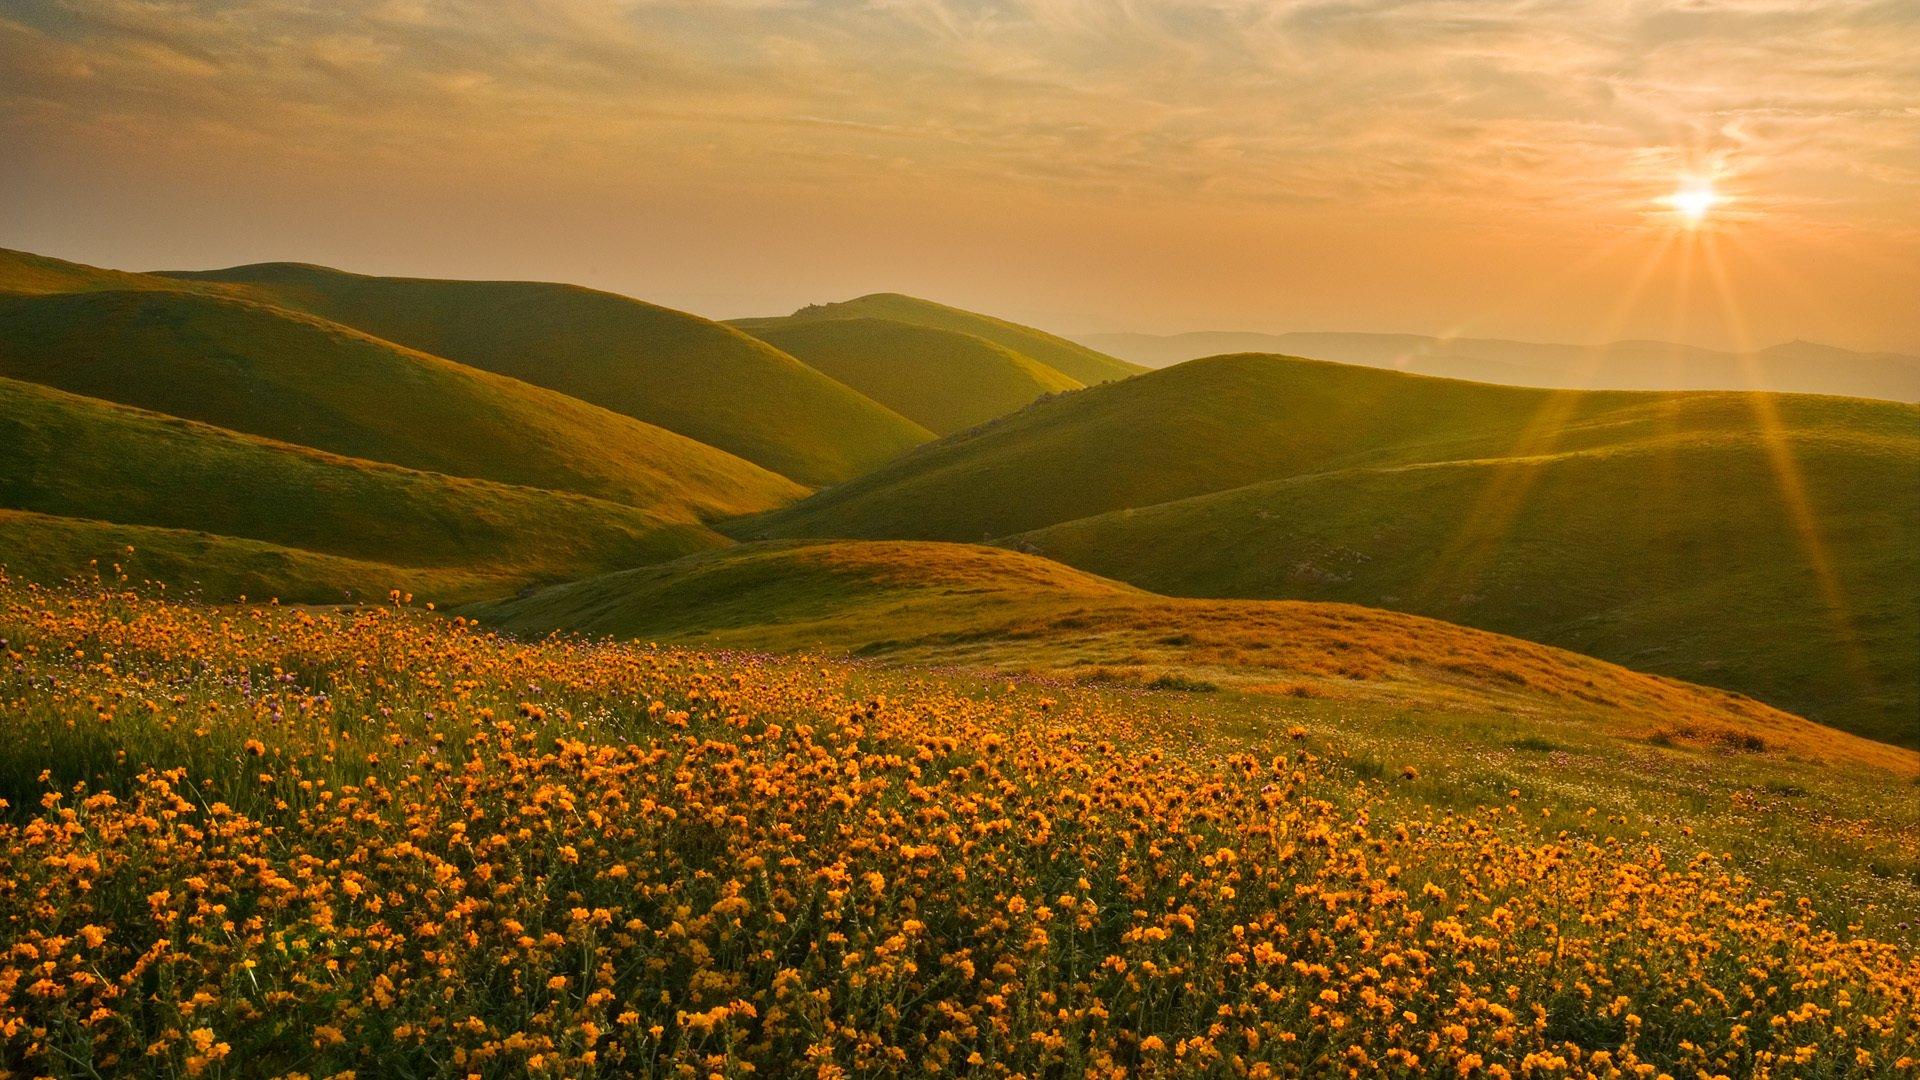 Солнце, рассвет, горы, холмы, дорога  № 3302217  скачать